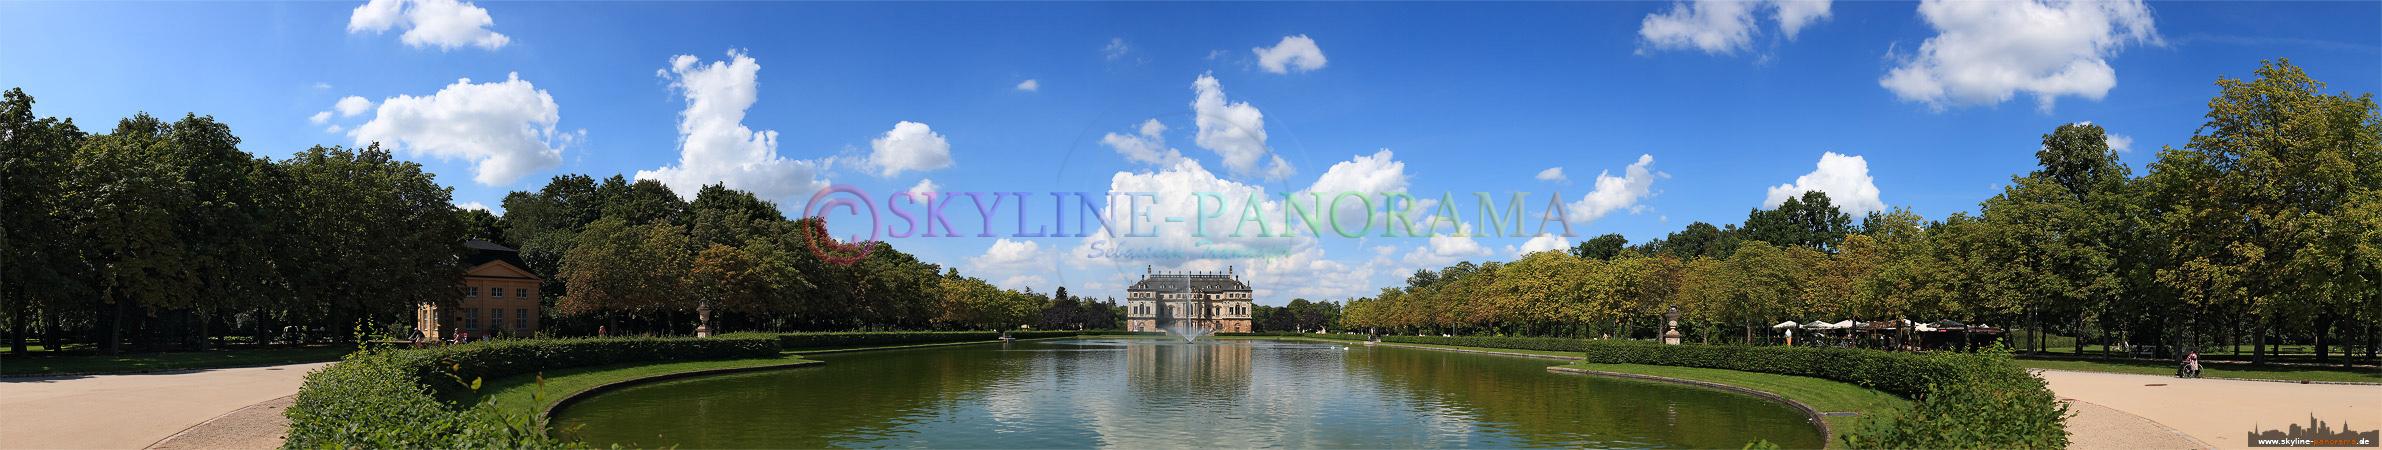 Bilder Dresden - Panorama Palais Großer Garten, eines der beliebten innerstädtischen Ausflugsziele.